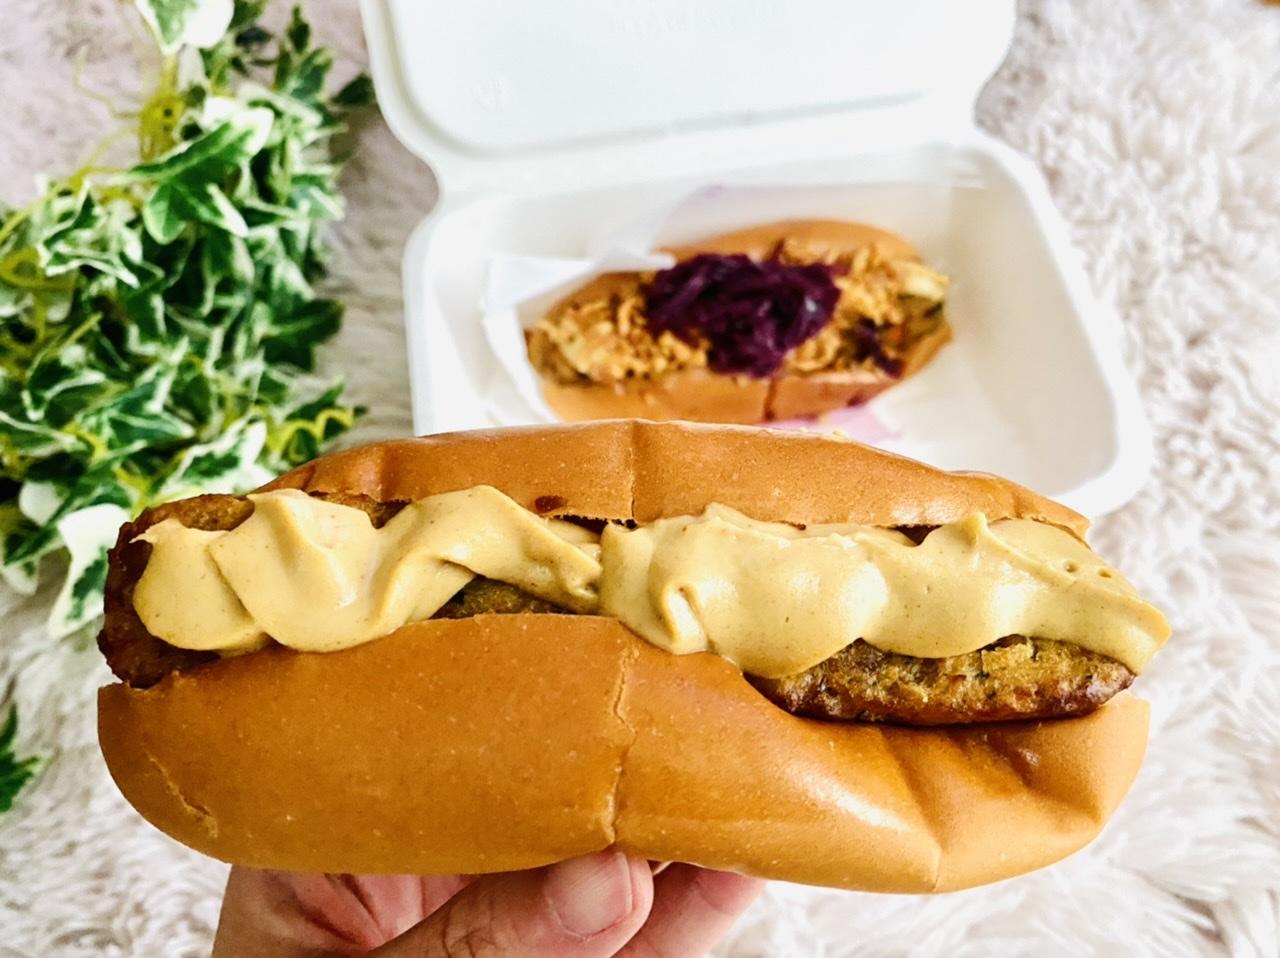 【IKEA渋谷】安すぎてヤバい!と大人気★コスパ最強《ベジドッグ》は絶対食べて♡_5